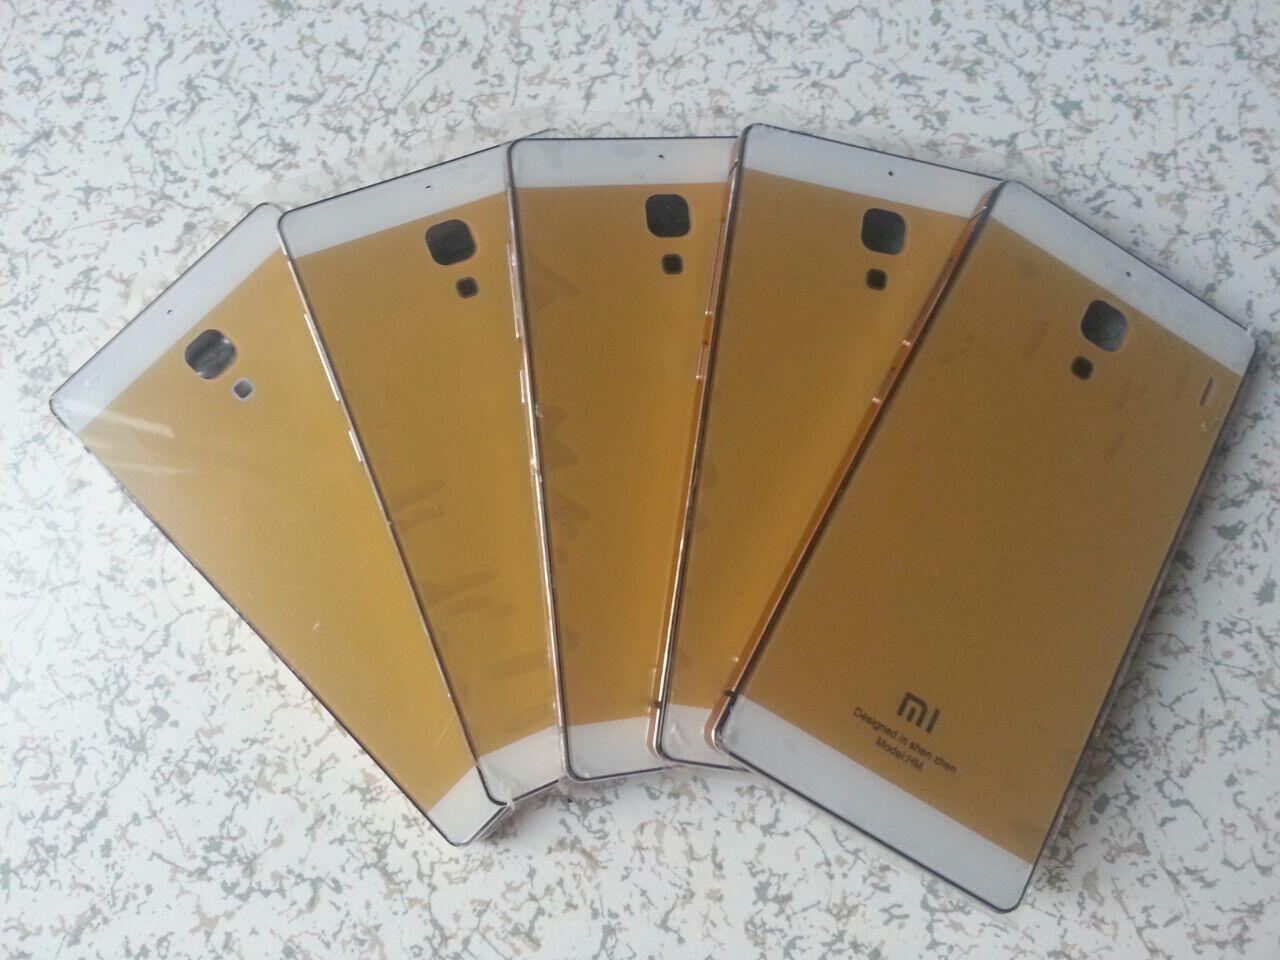 Casing alumumium Xiaomi Redmi 1s black & gold ORI